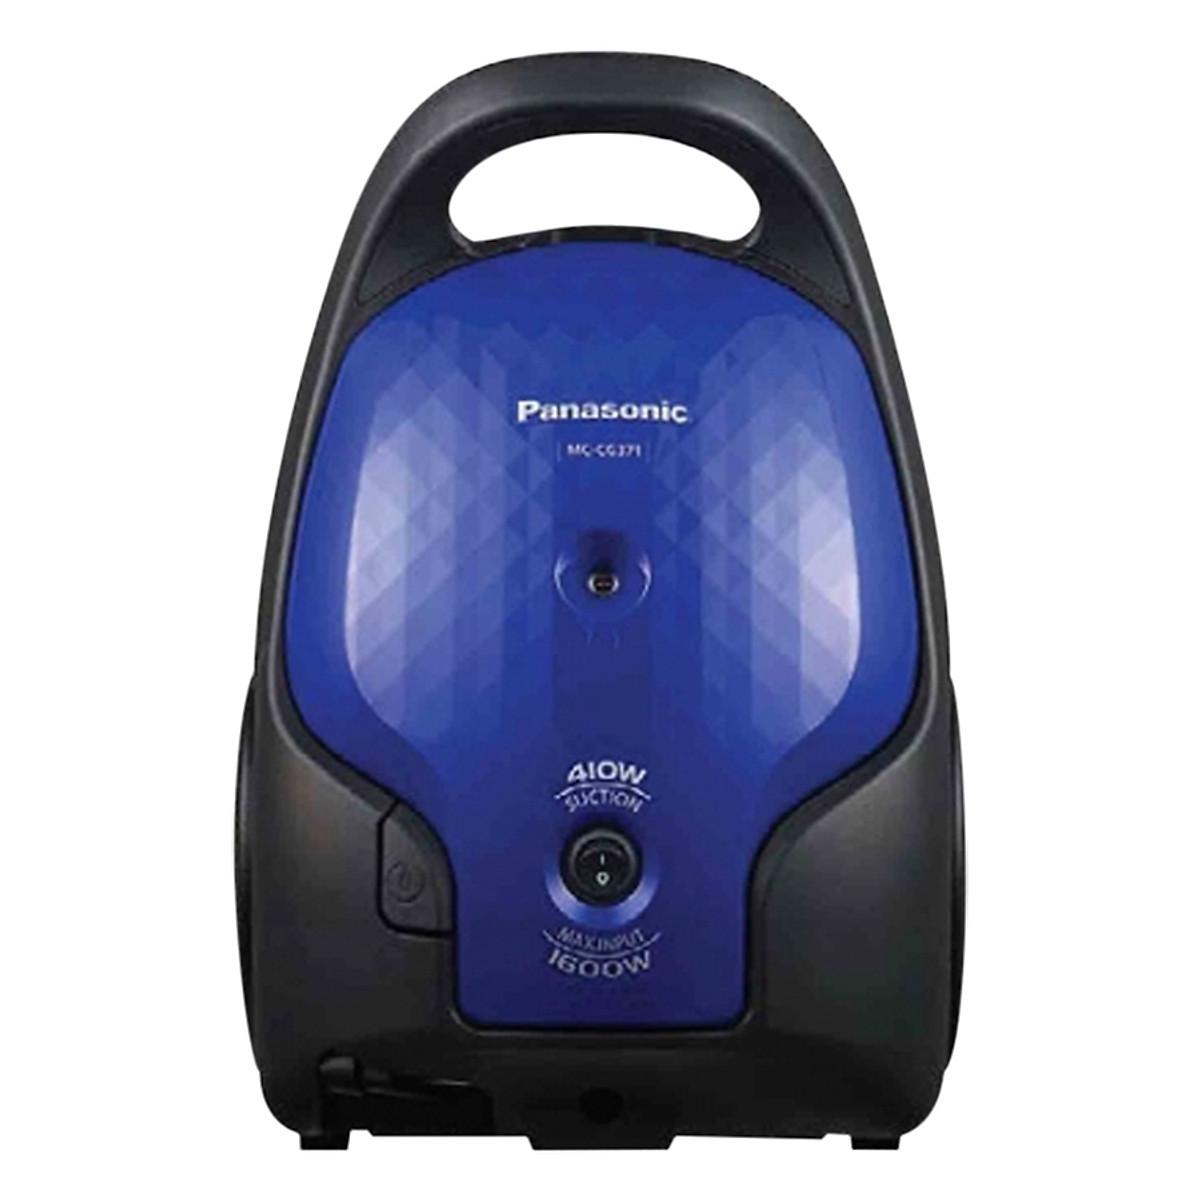 Đánh giá Máy Hút Bụi Panasonic PAHB-MC-CG371AN46 (1600W)